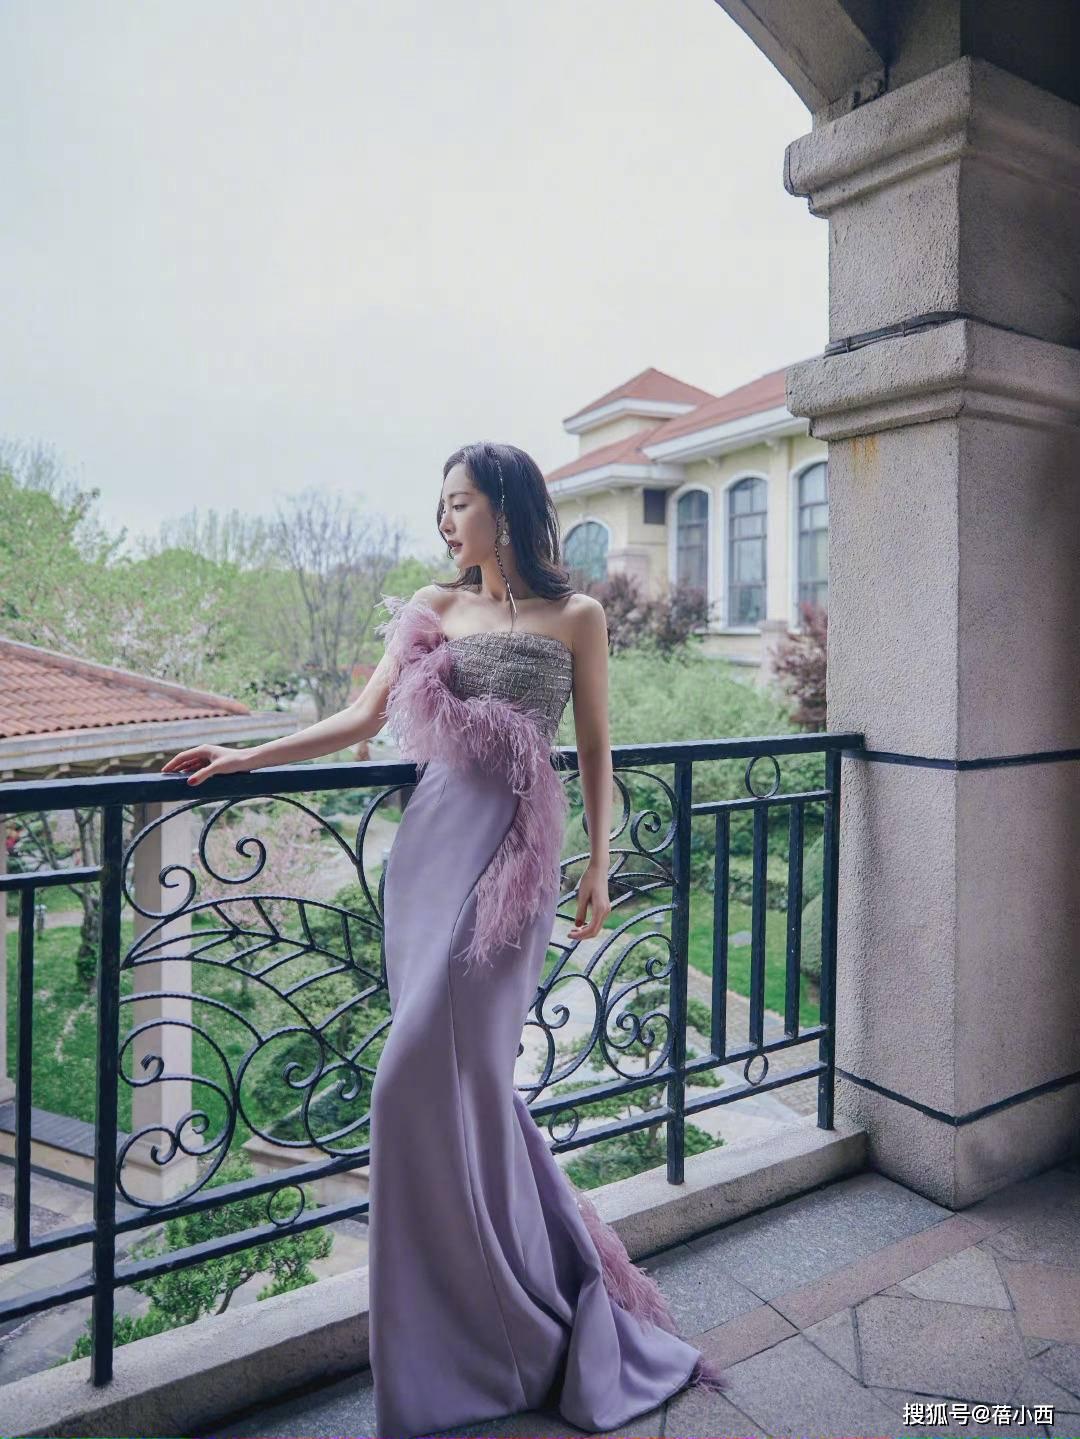 原创             真正有品味的女人穿衣一切从简,看周迅就知道,穿无袖裙简约高级